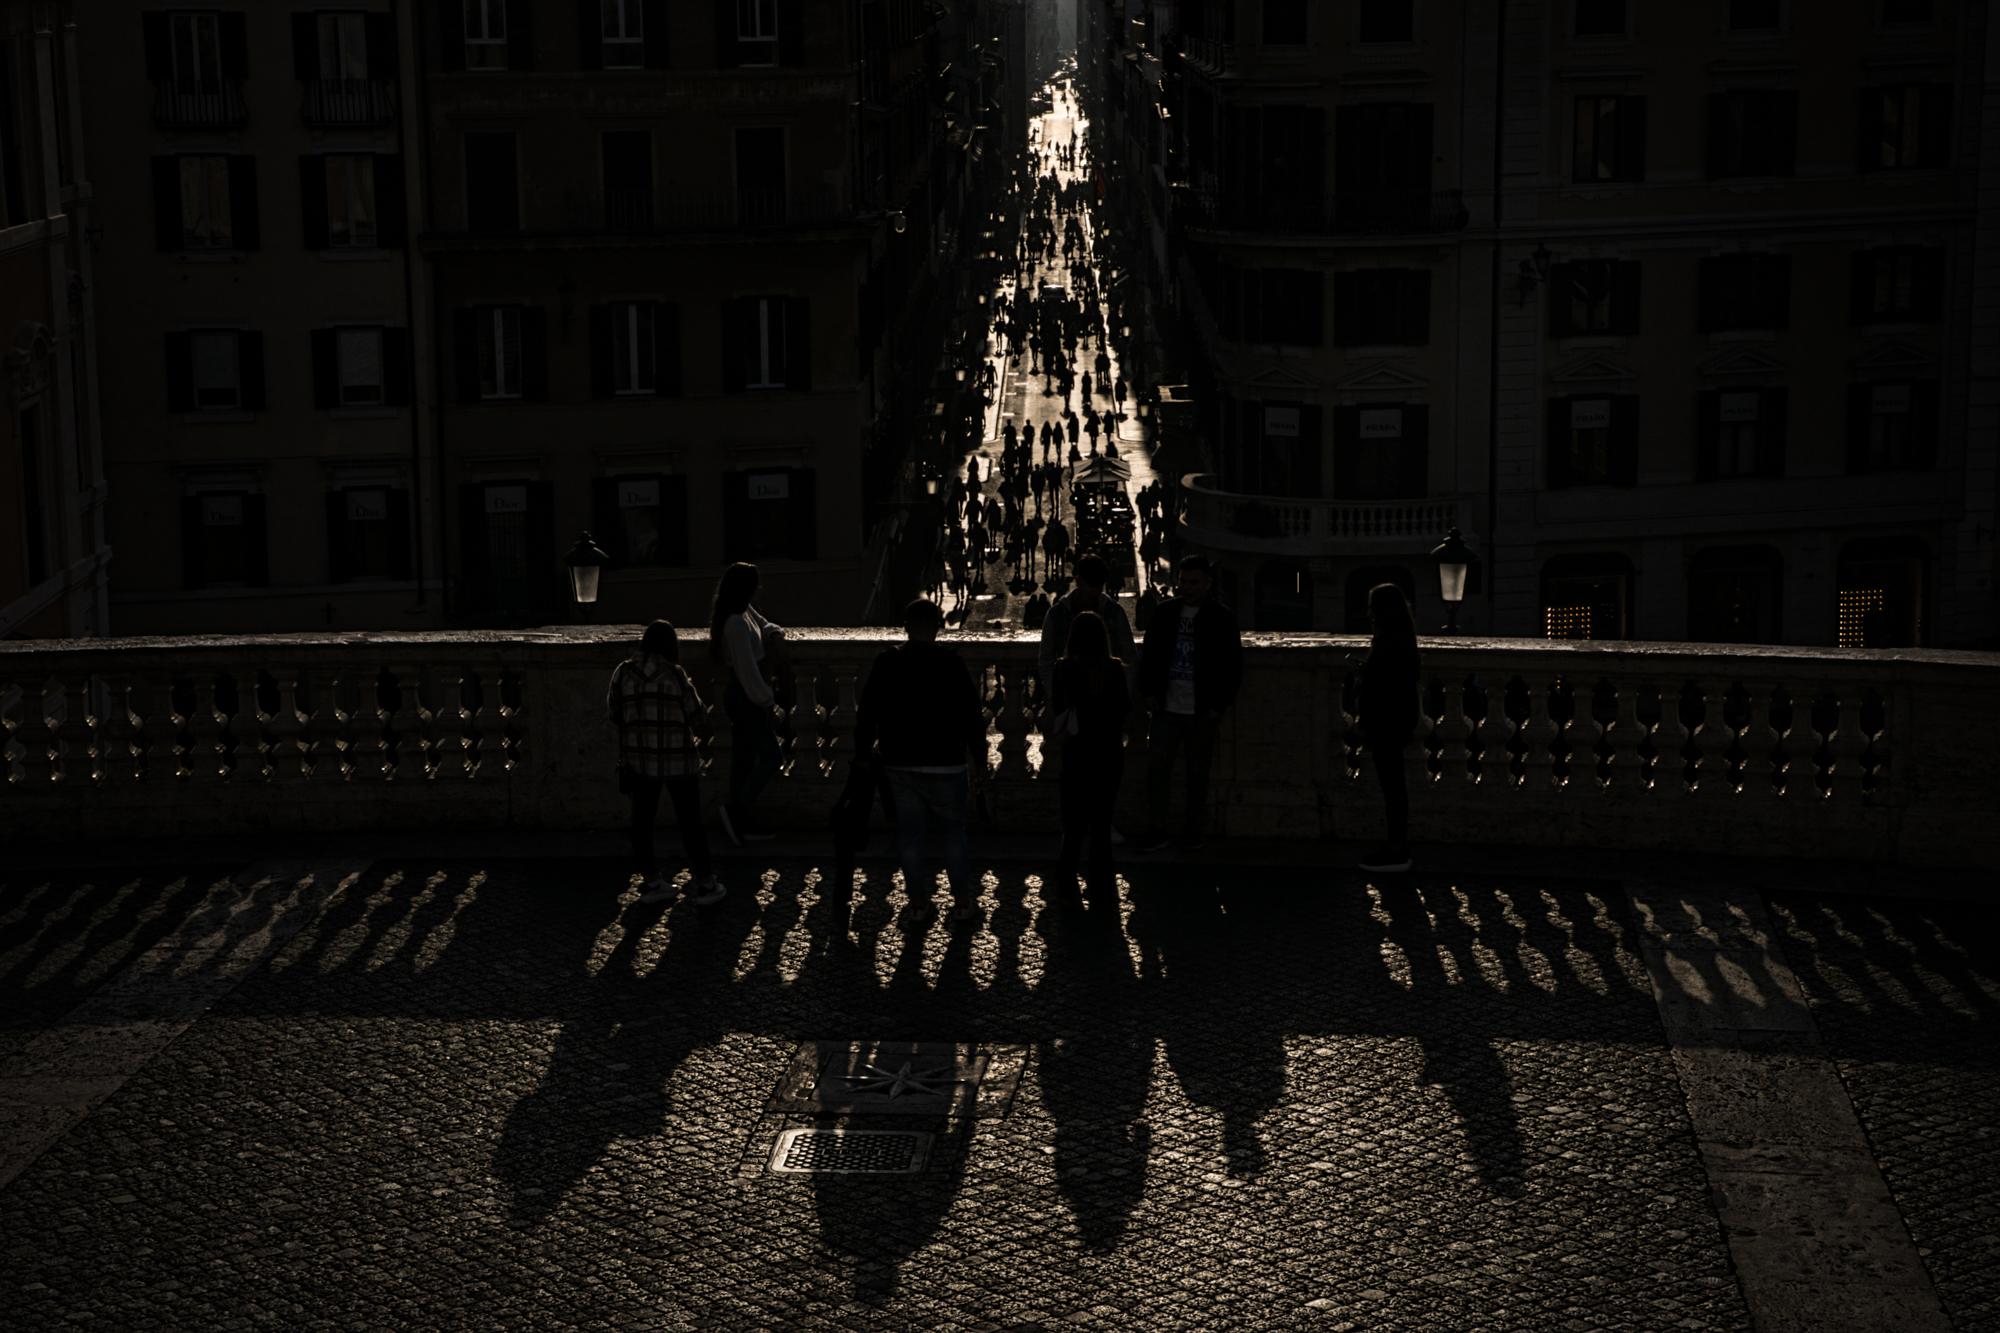 Anna_Bondavalli_Fotografia Street_1